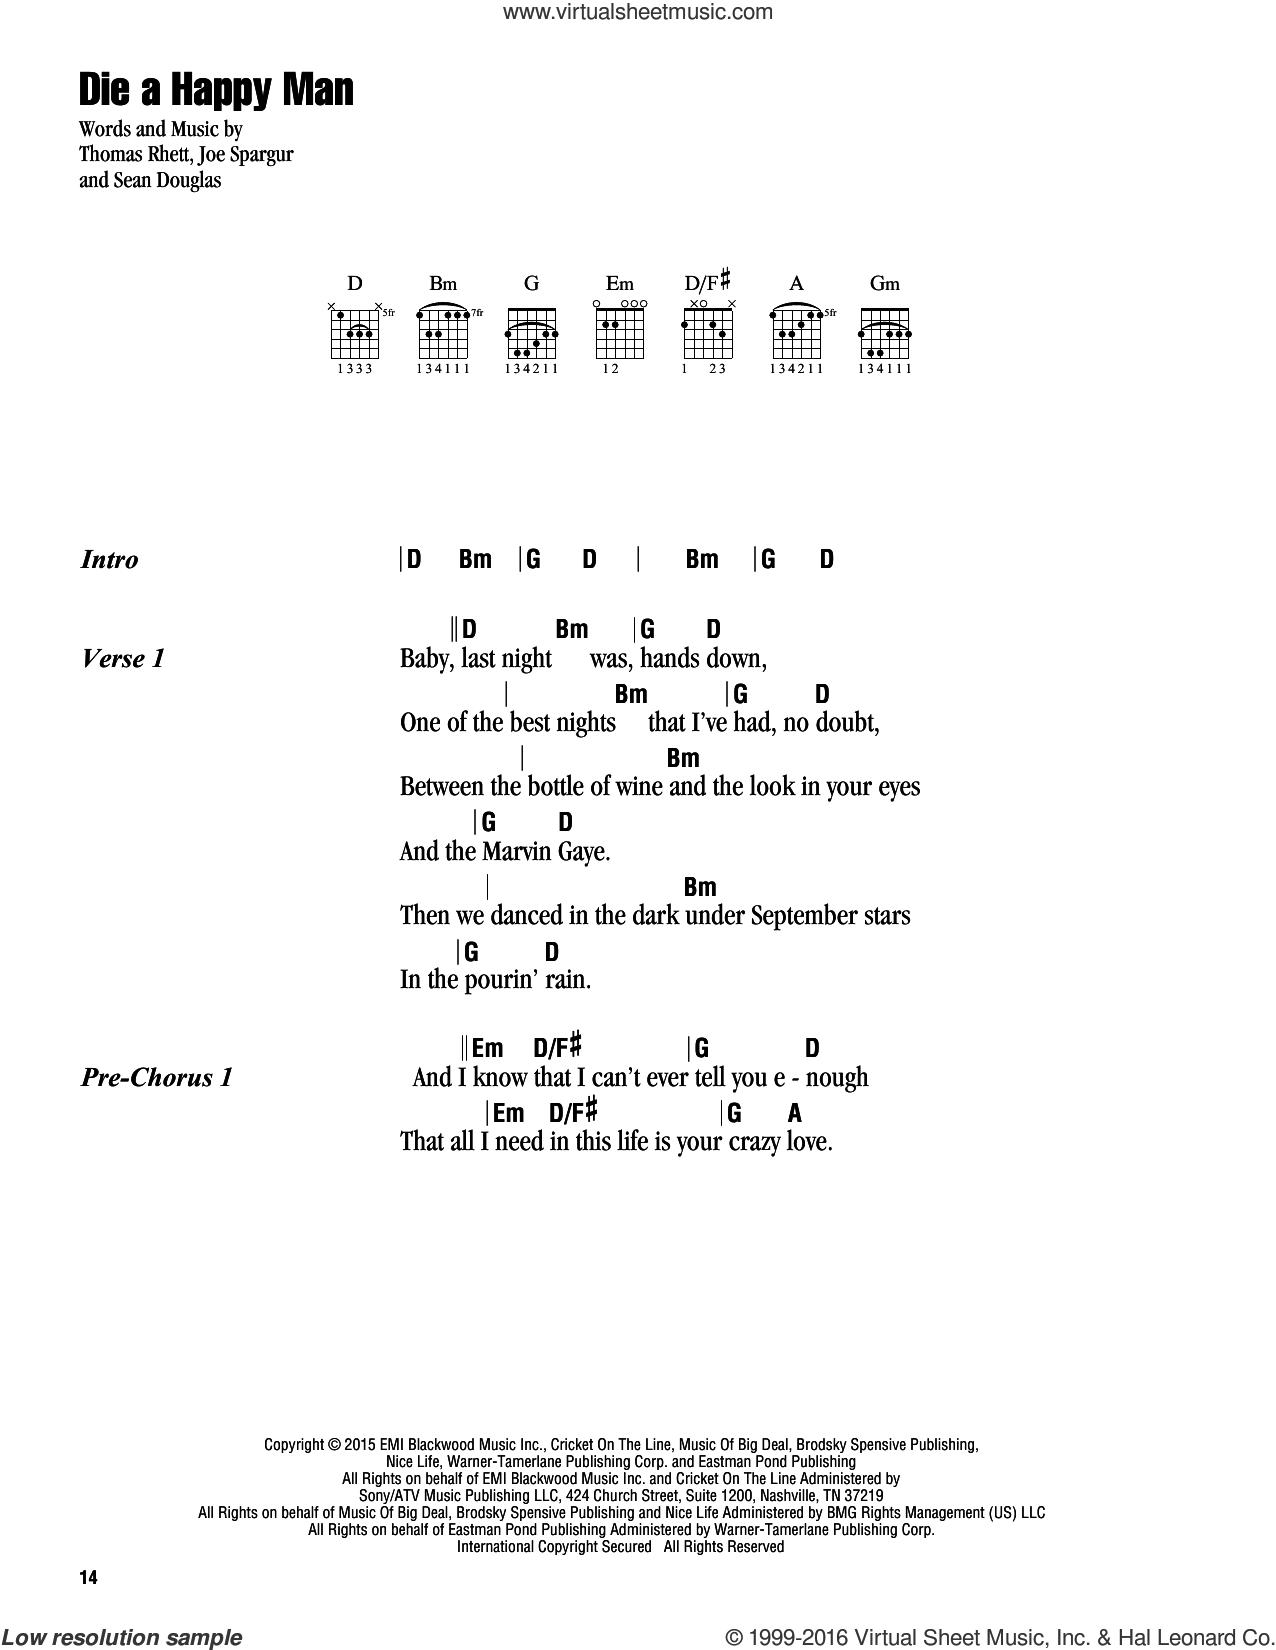 Die A Happy Man sheet music for guitar (chords) by Thomas Rhett, Joe Spargur and Sean Douglas, intermediate skill level